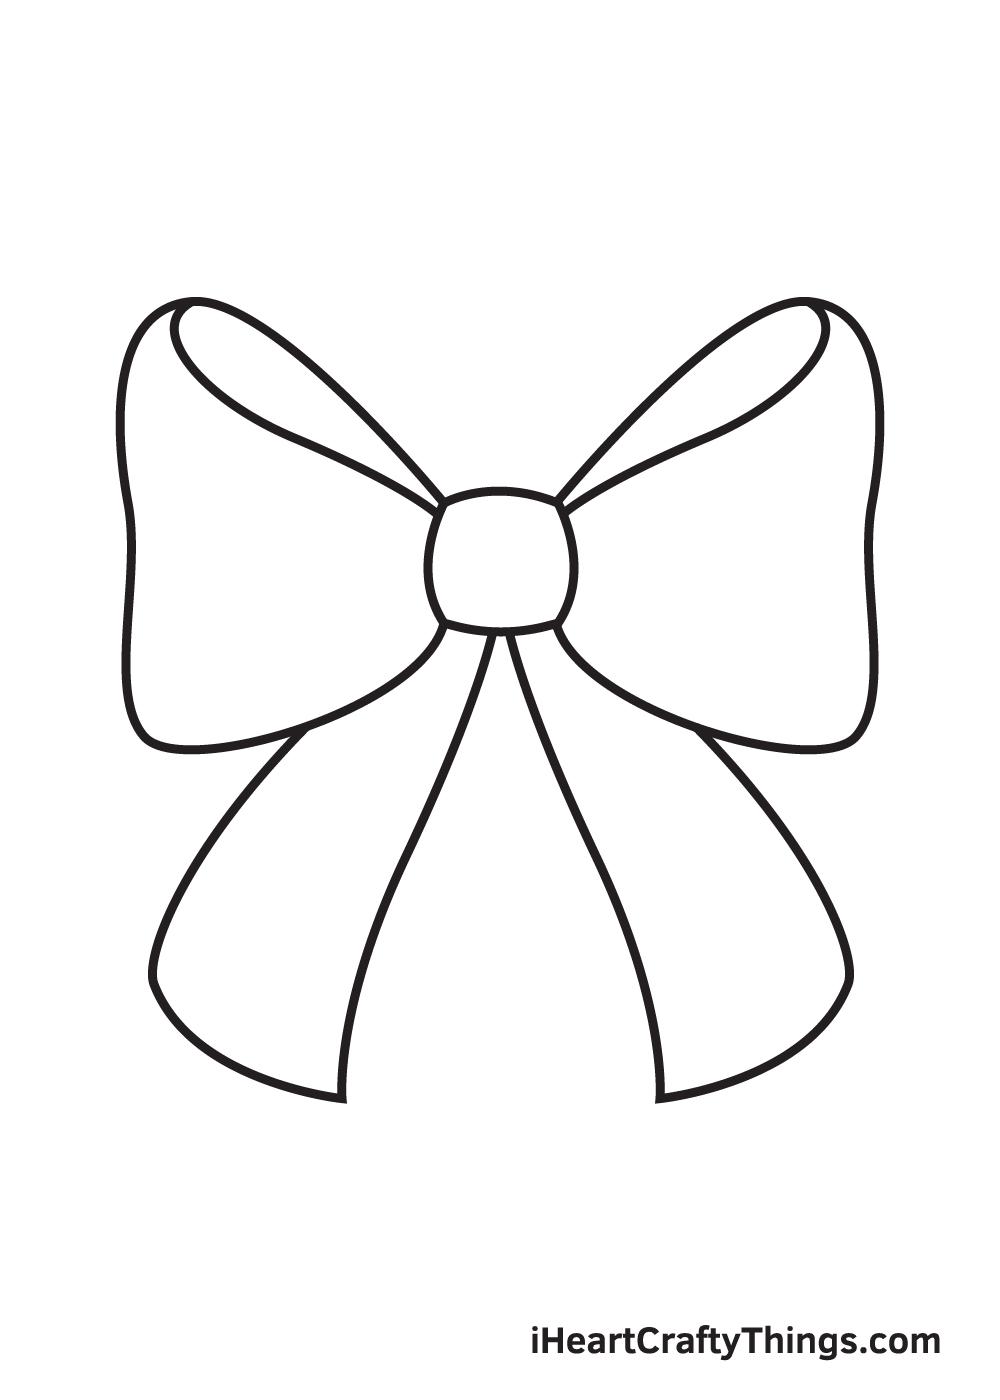 ribbon drawing step 7